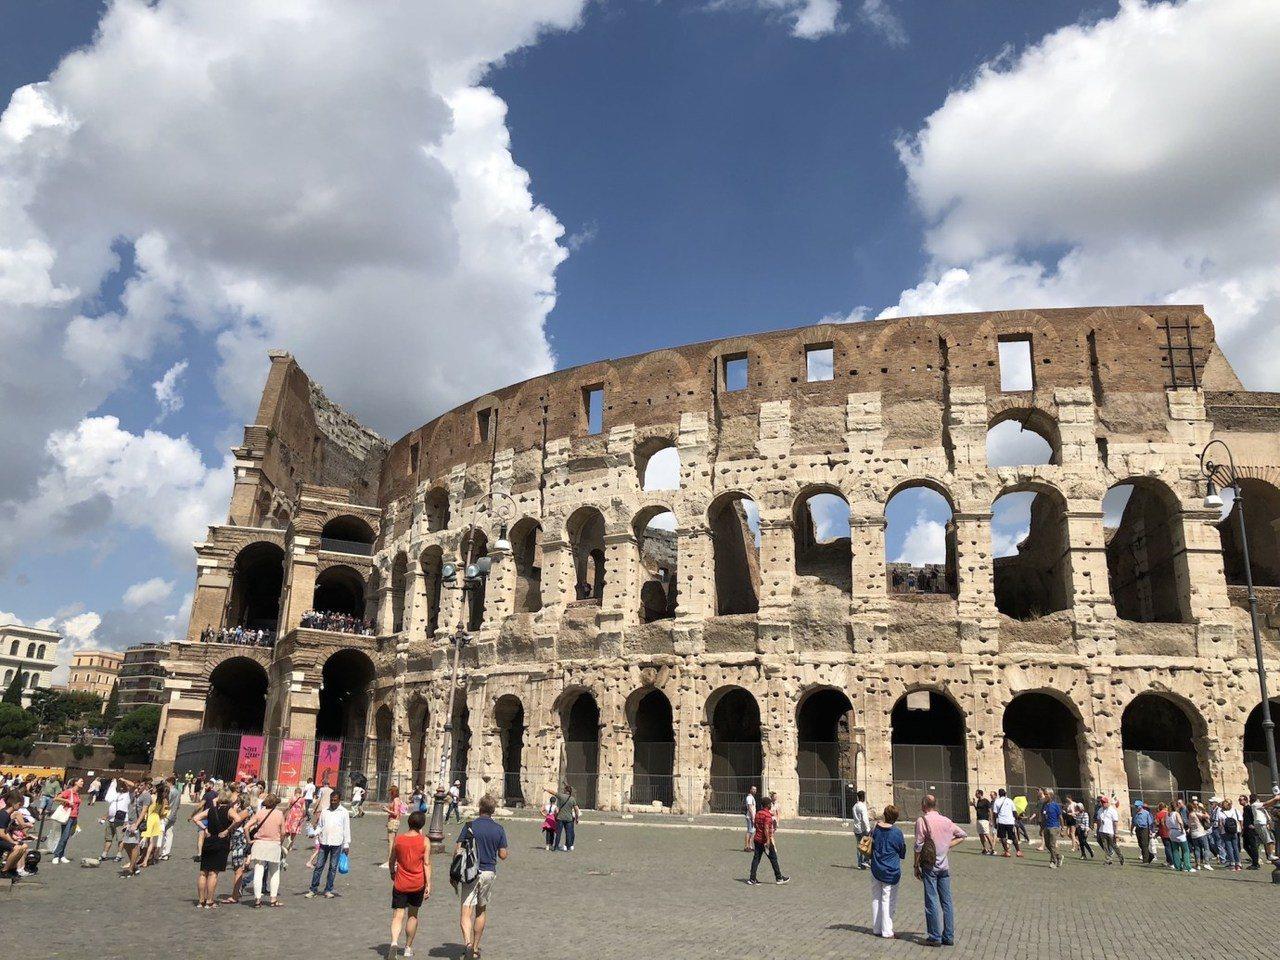 羅馬真的是個非常直得探訪的城市 圖文來自於:TripPlus